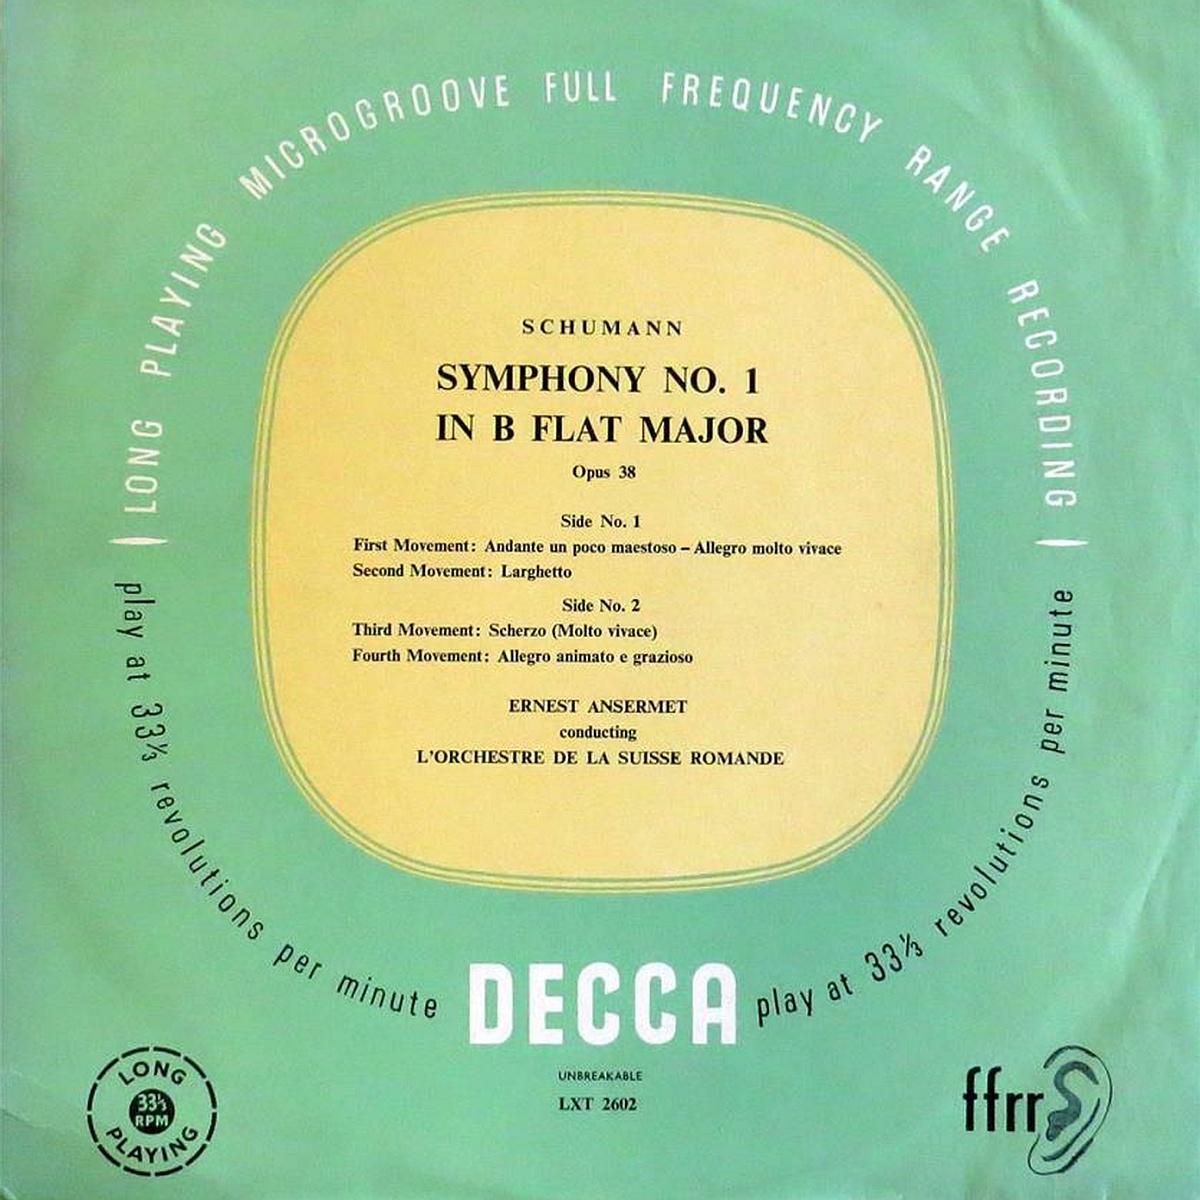 Recto de la pochette du disque Decca LXT 2602, cliquer pour plus d'infos